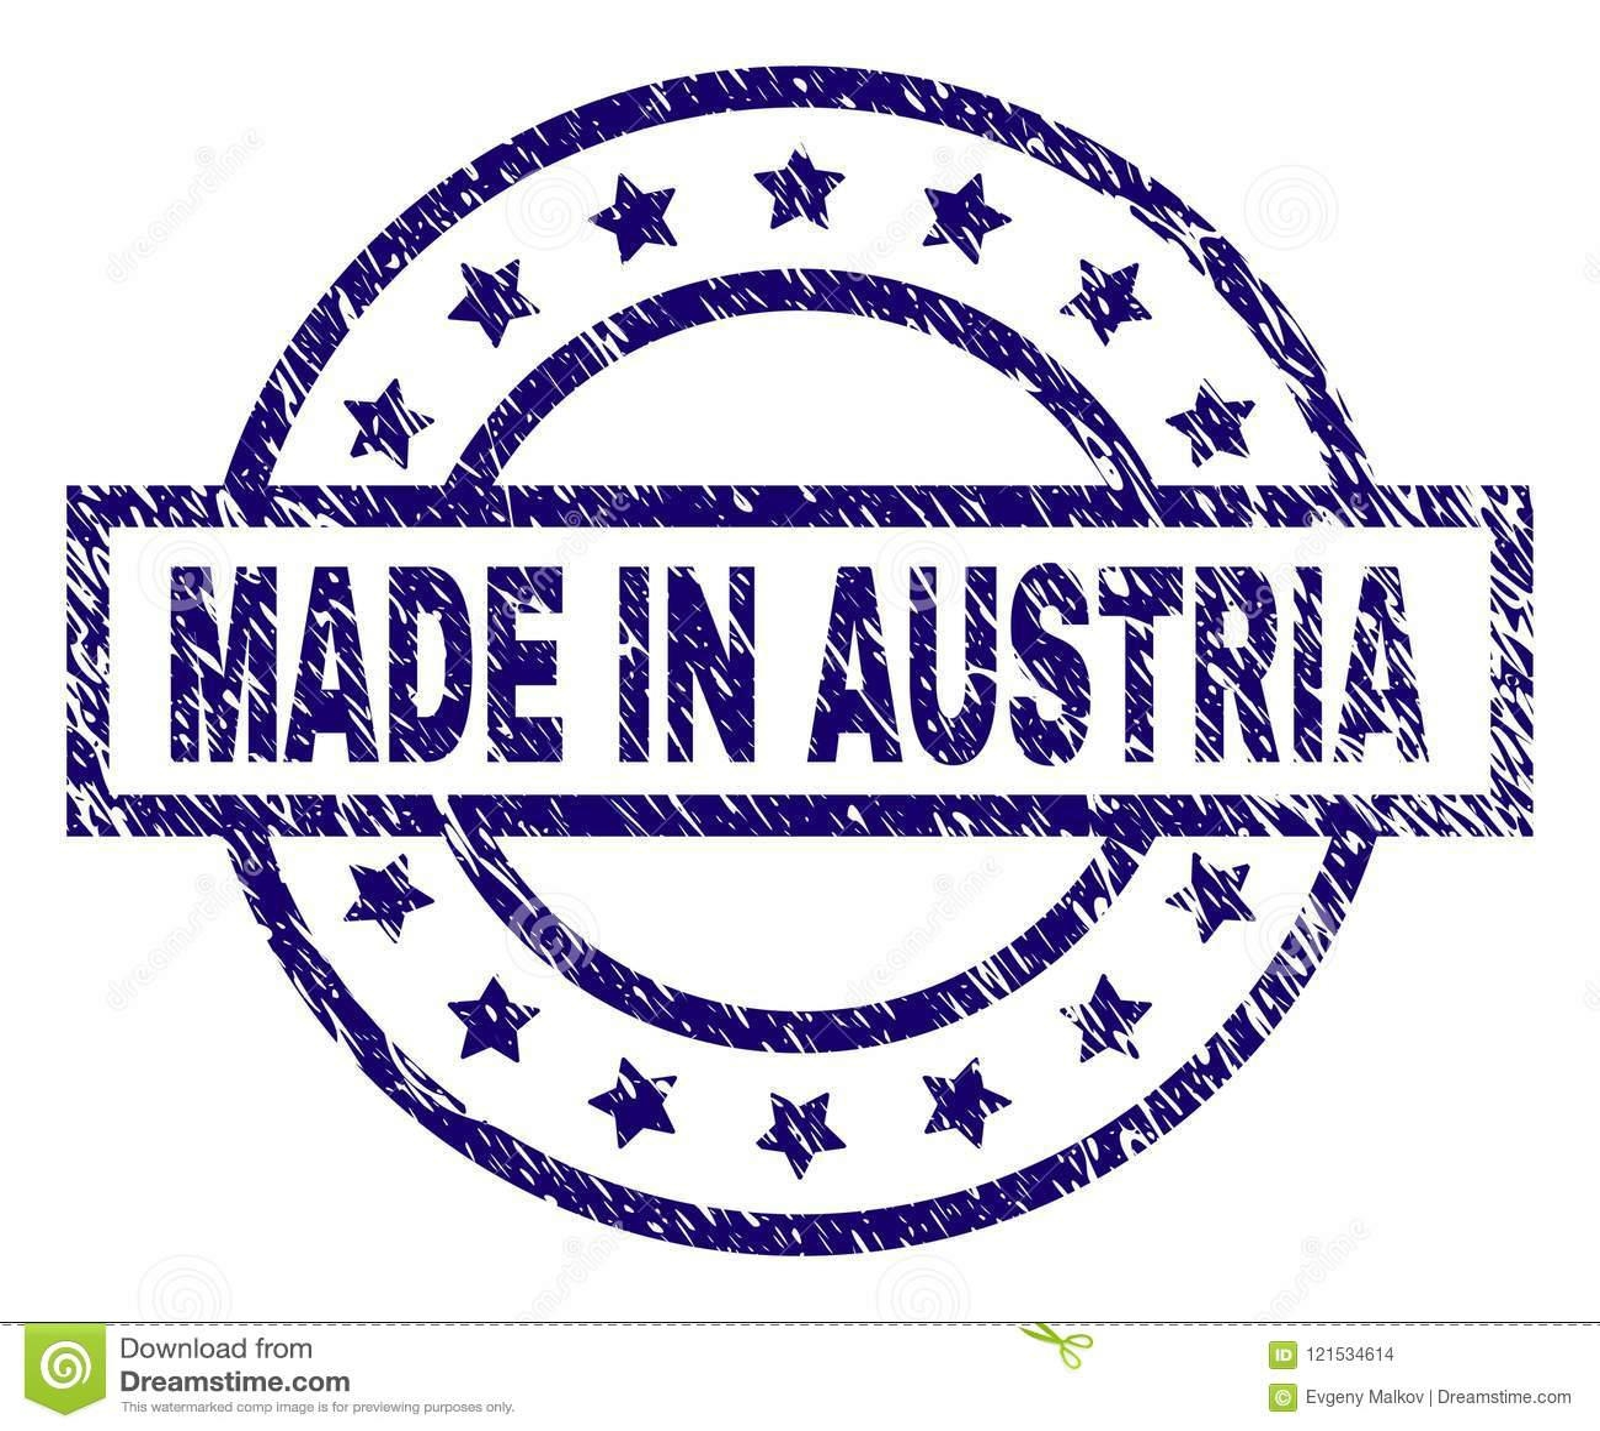 Grunge Textured MADE IN AUSTRIA Stamp Seal